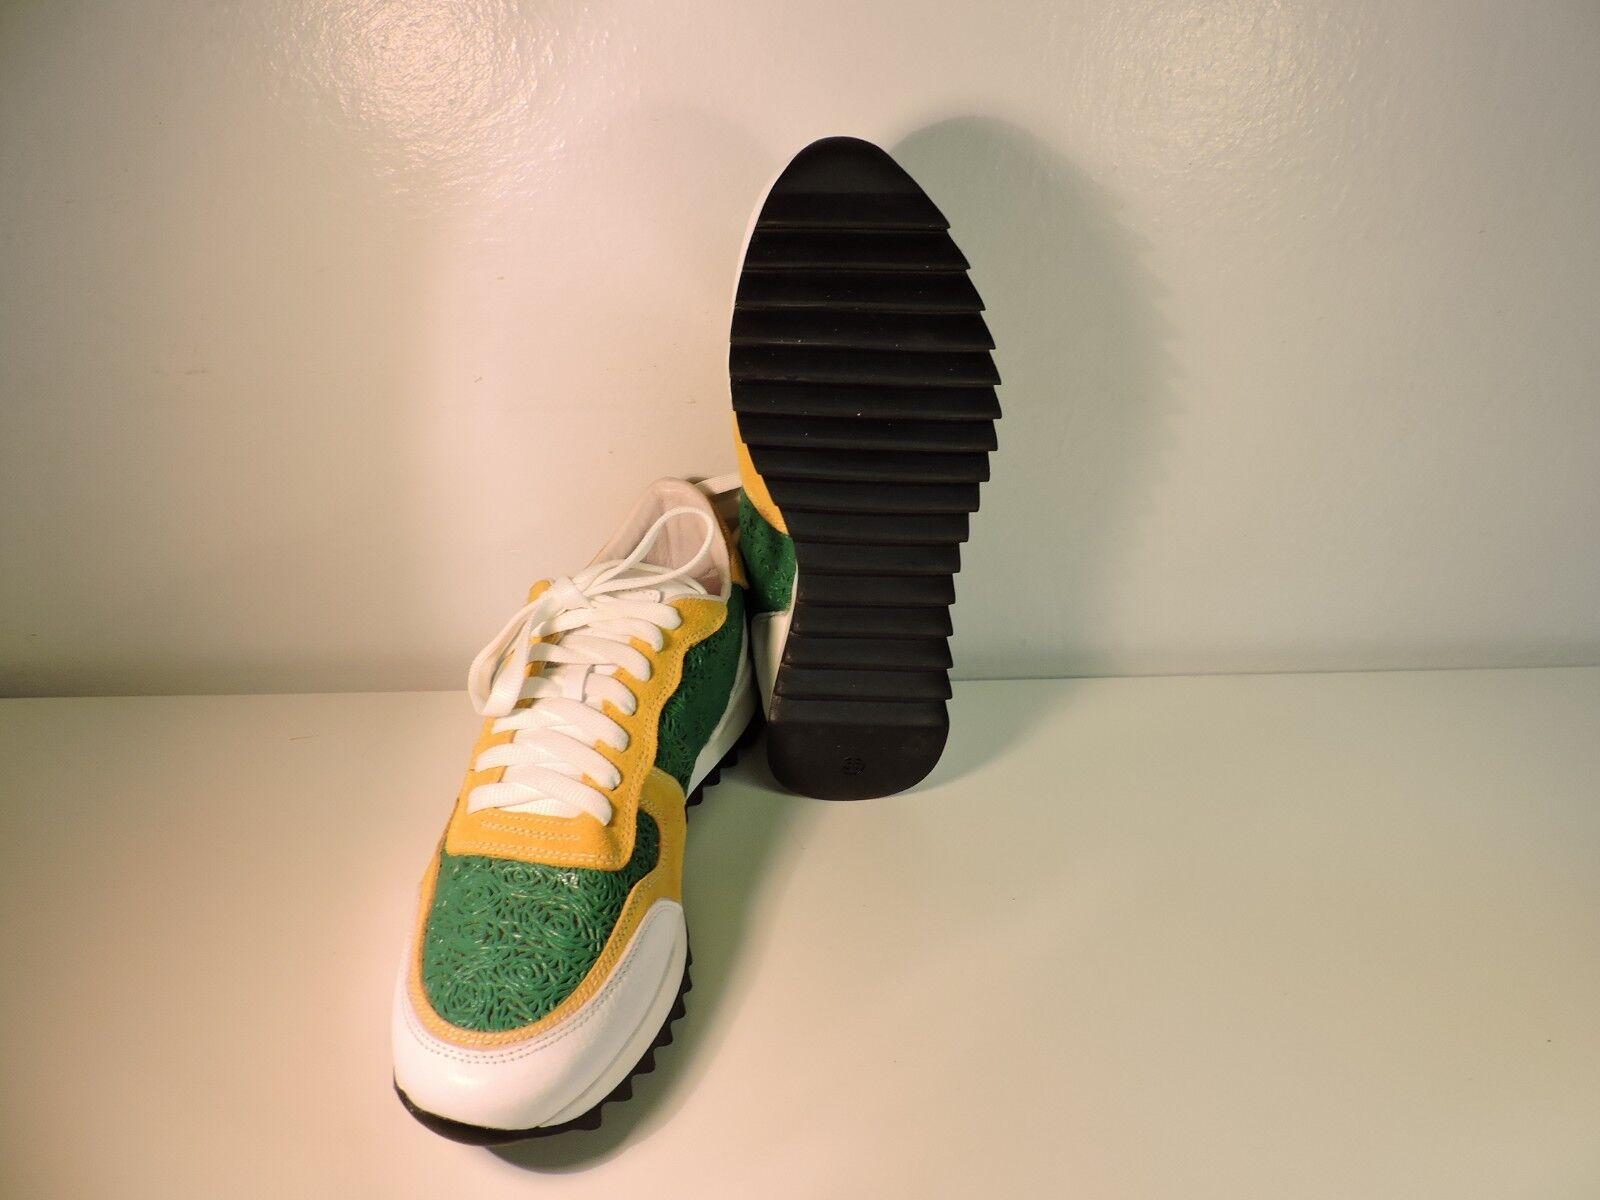 Schuhe GINNASTICA DA GINNASTICA Schuhe SNEAKERS IN PELLE MARCA TONI RUNNING fantasia a tre colori 06aeaa